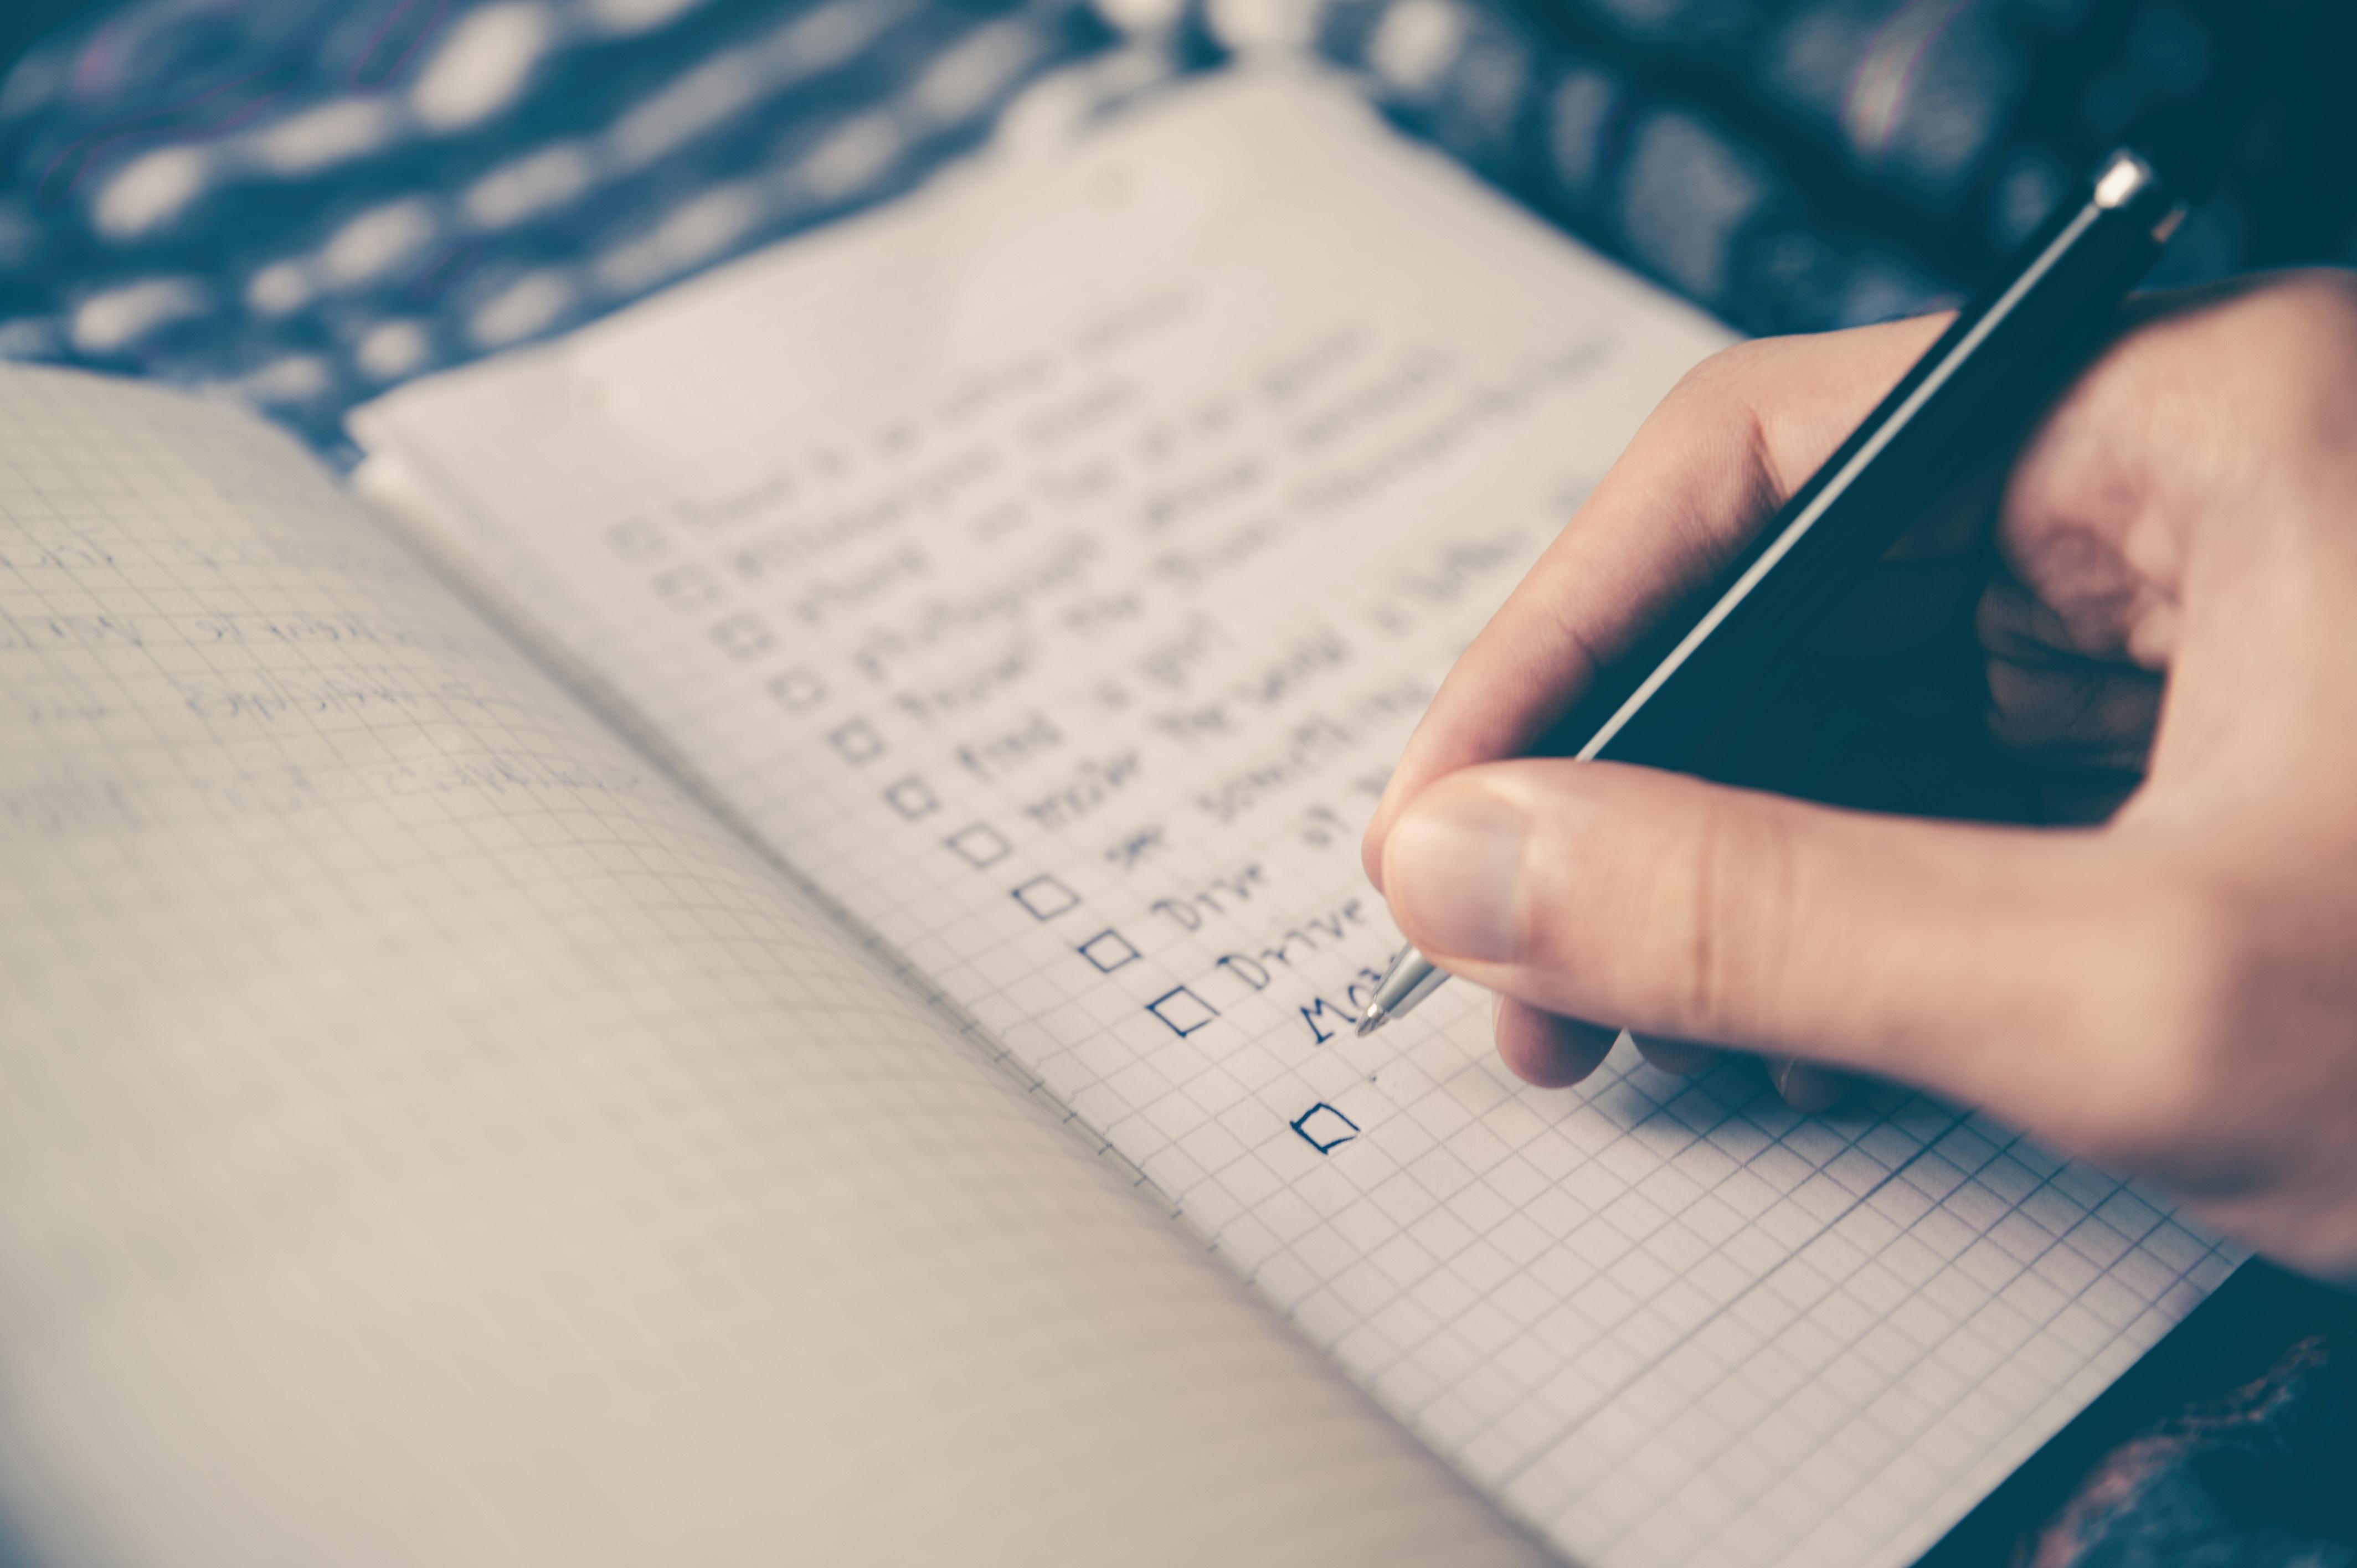 Zakelijk bloggen? Start vandaag nog